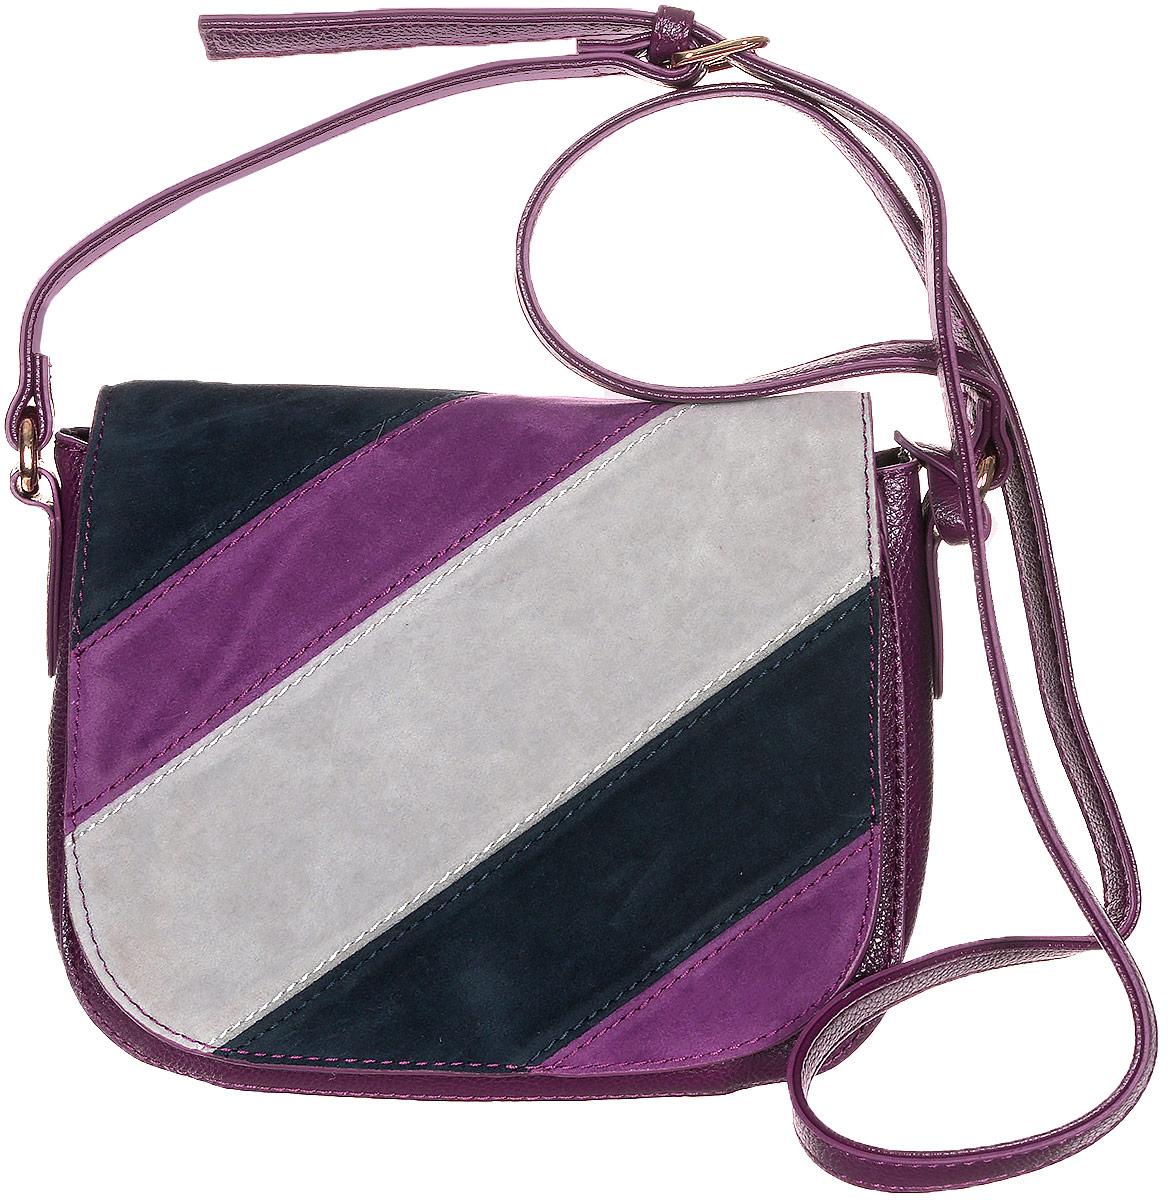 Сумка женская Jane Shilton, цвет: пурпурный, черный, серый. 21792179m_purpleСтильная женская сумка Jane Shilton не оставит вас равнодушной благодаря своему дизайну и практичности. Она изготовлена из качественной искусственной кожи разной текстуры и выполнена в оригинальном дизайне. Сумка оснащена удобным плечевым ремнем, который оформлен фирменной металлической подвеской. Длина ремня регулируется с помощью пряжки. Изделие закрывается клапаном на магнитную кнопку. Под клапаном расположен открытый накладной карман. Внутри расположено главное отделение, которое содержит открытый накладной карман для телефона и один вшитый карман на молнии для мелочей. Такая модная и практичная сумка завершит ваш образ и станет незаменимым аксессуаром в вашем гардеробе.